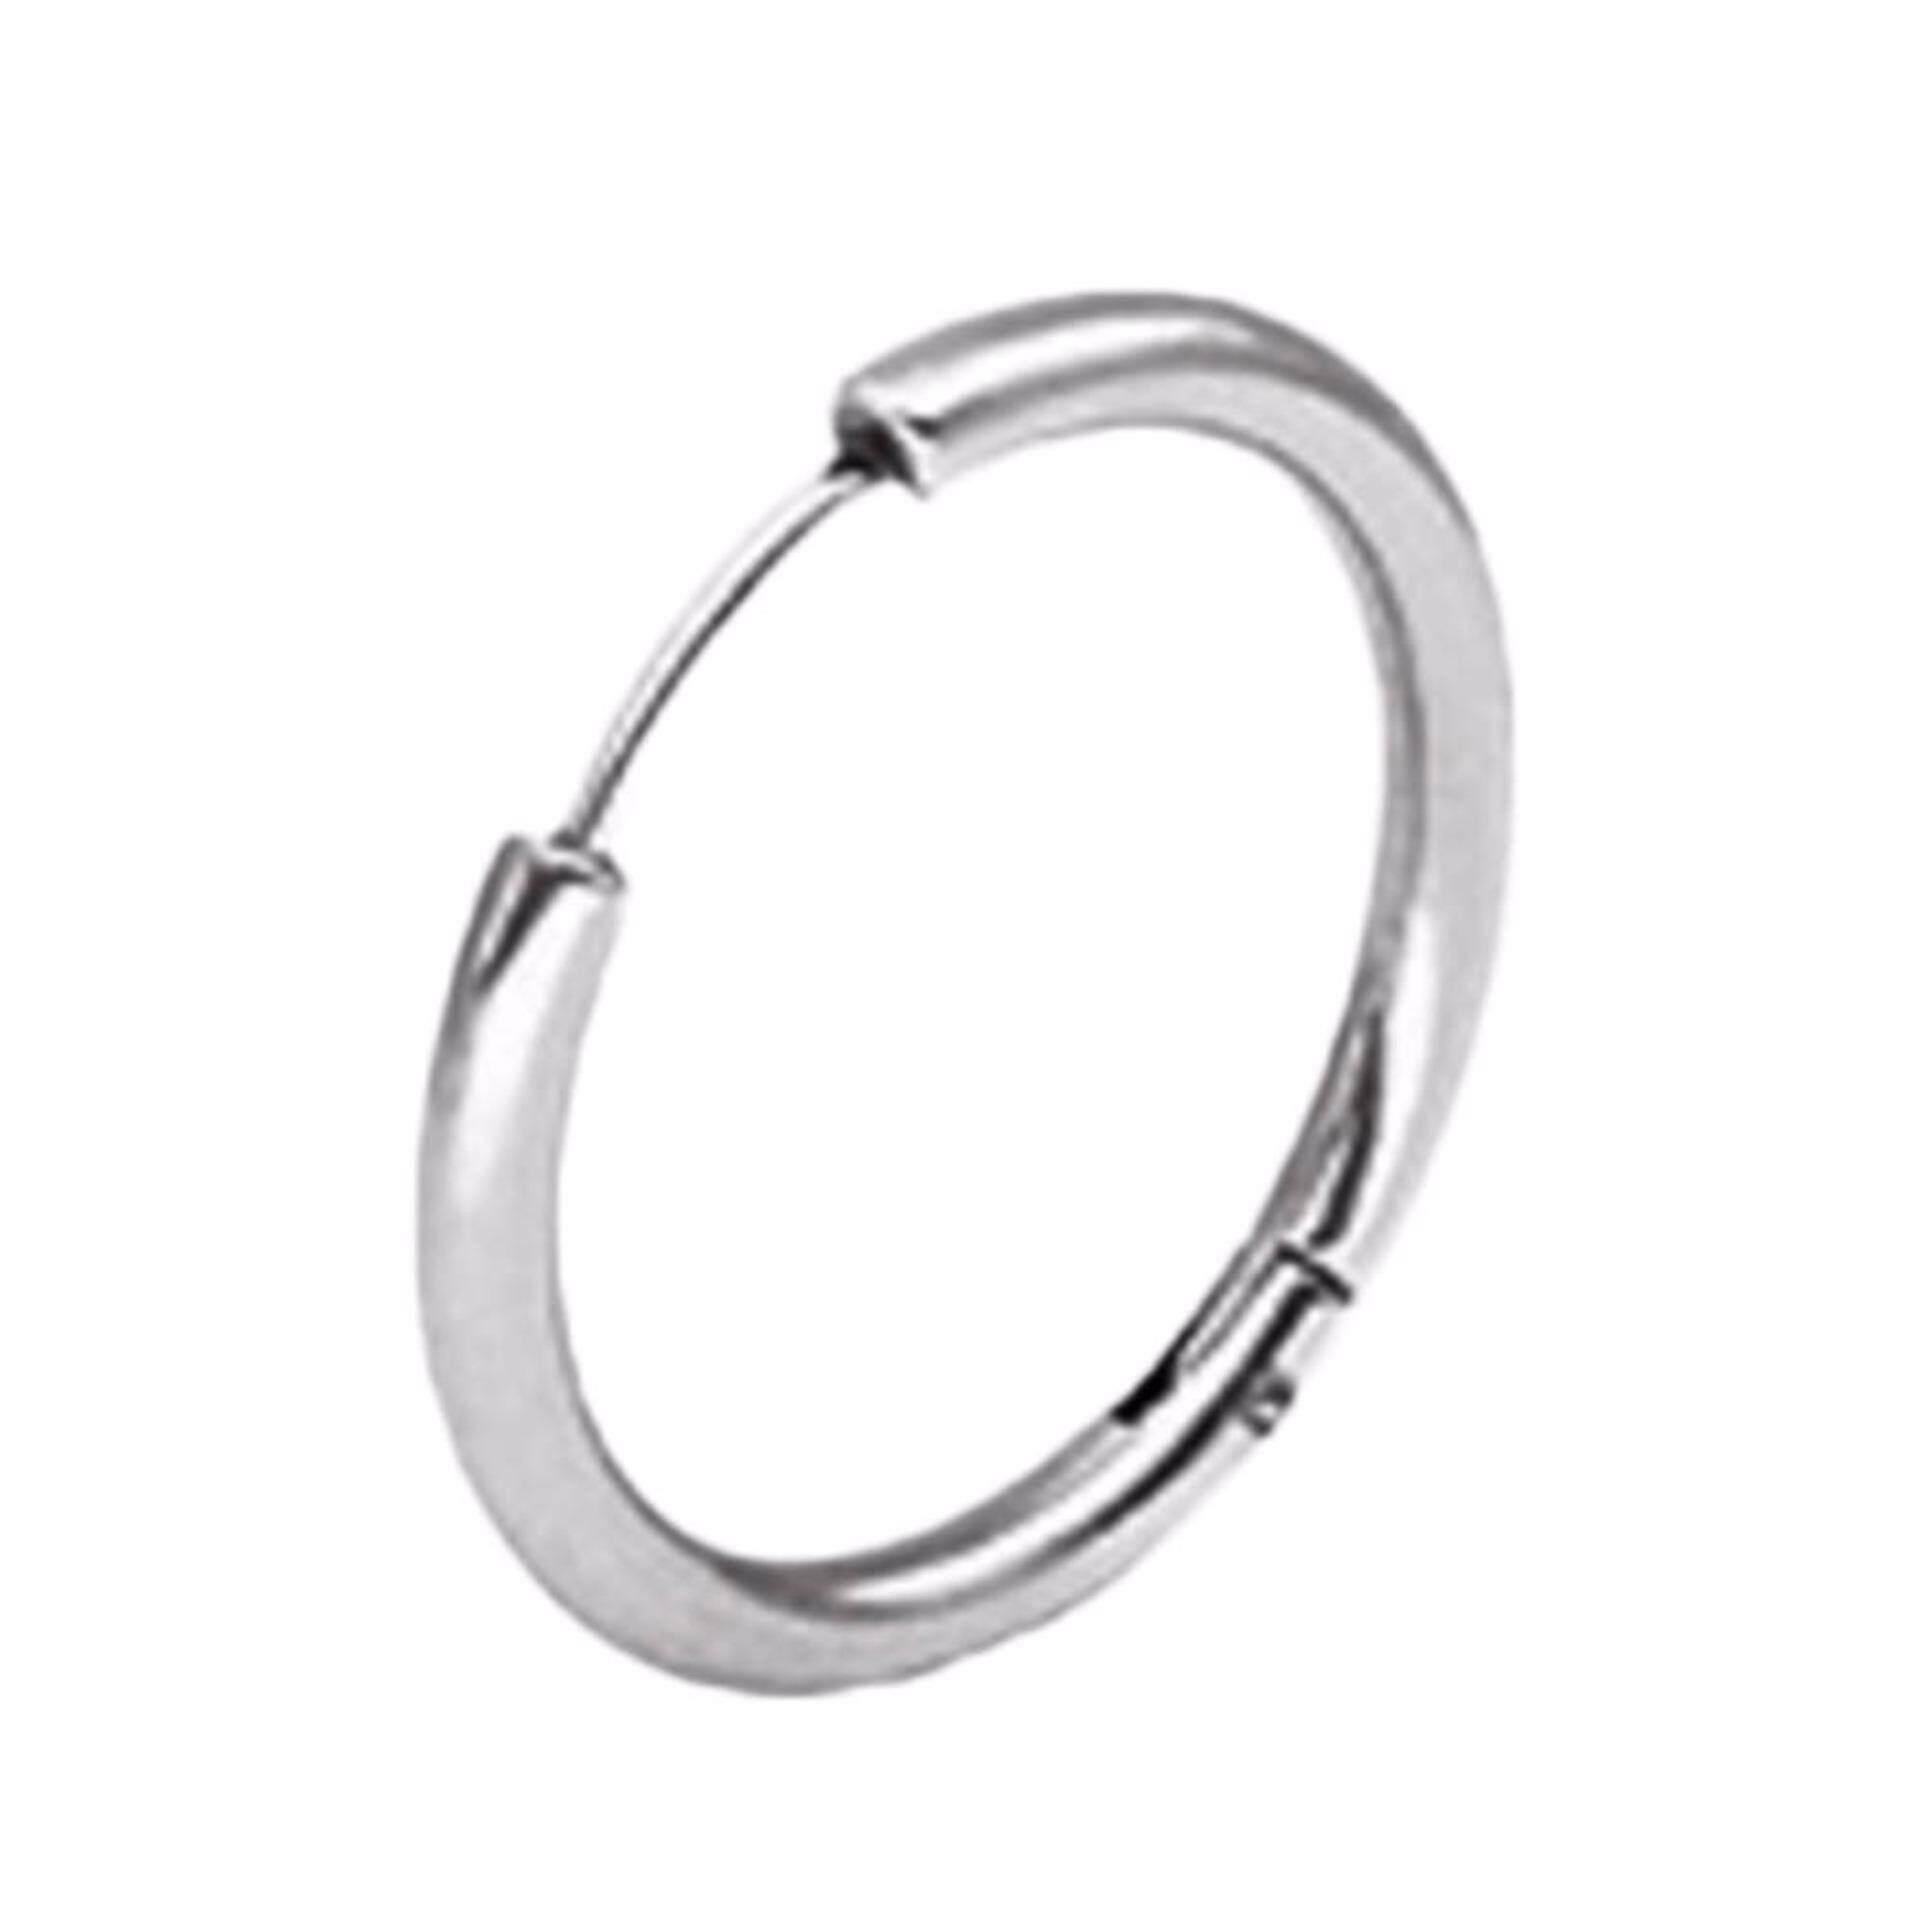 Rgb3785 Aksesoris Gelang Simple Preparation Harga Terkini dan Source · Fancyqube 1 Pc Punk Stainless Steel Hoop Earrings Simple Style Circle Hoop Earring K ...